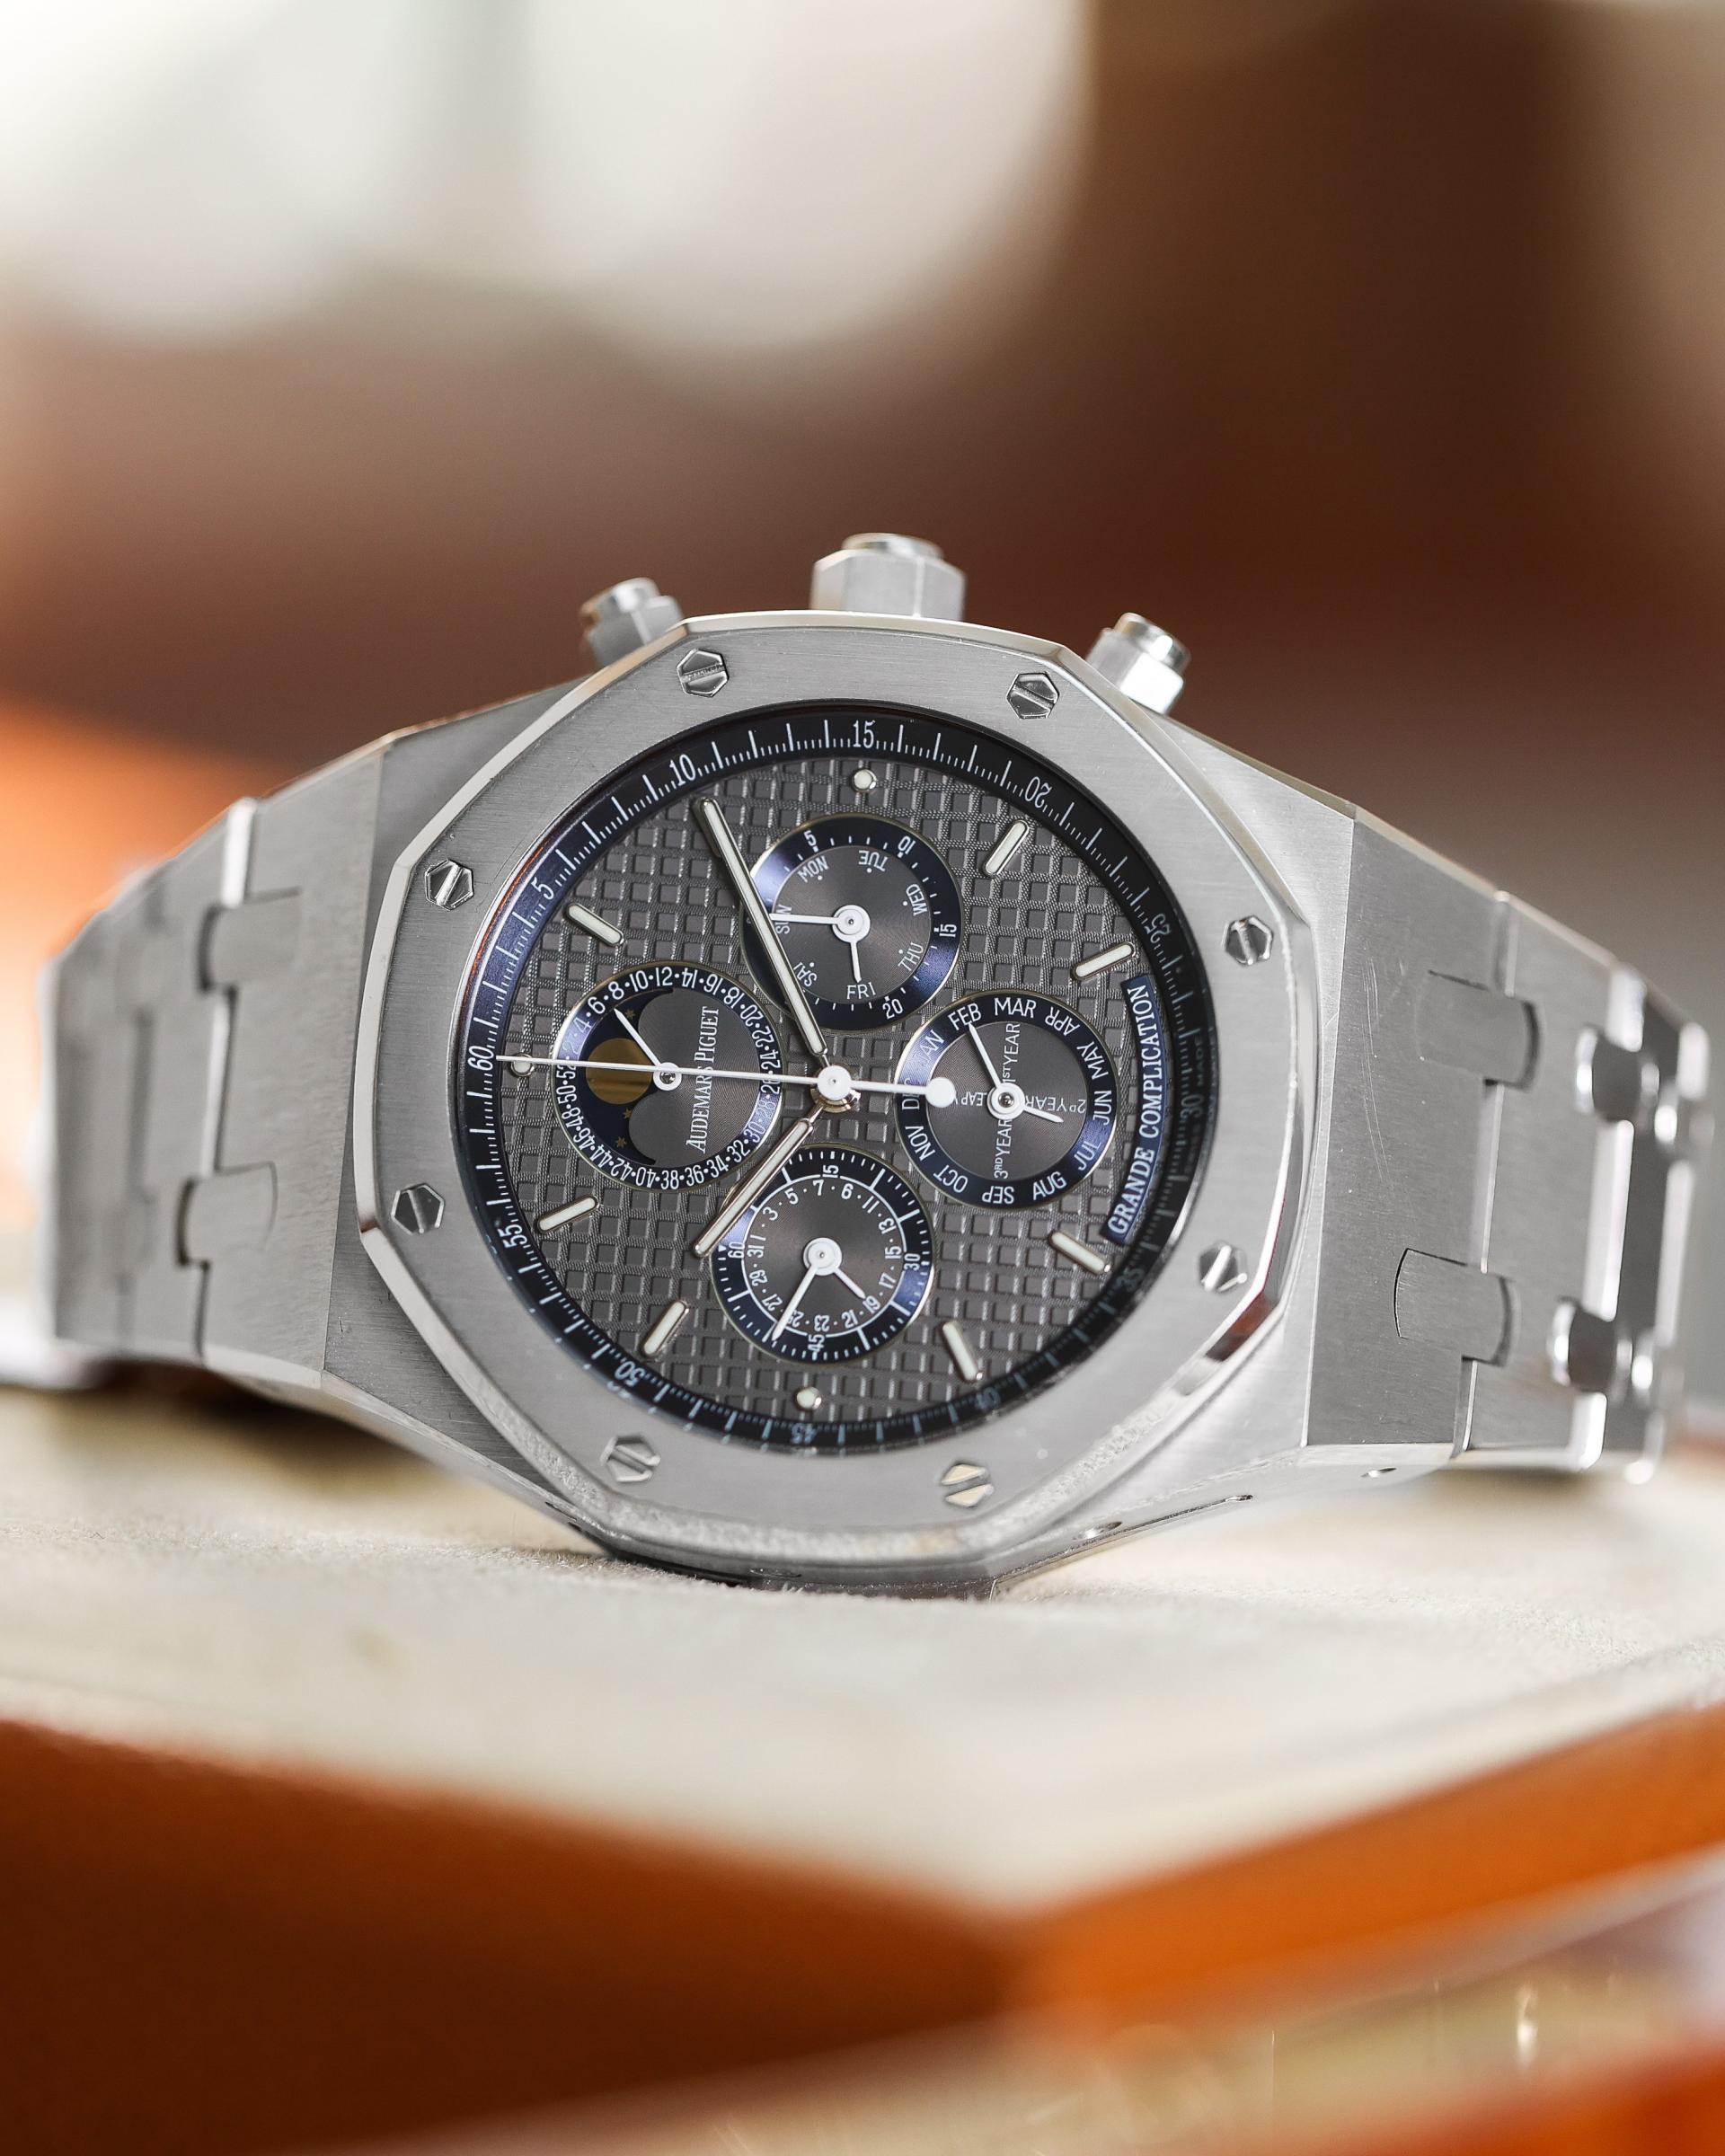 Audemars Piguet Royal Oak Grand Complication watch